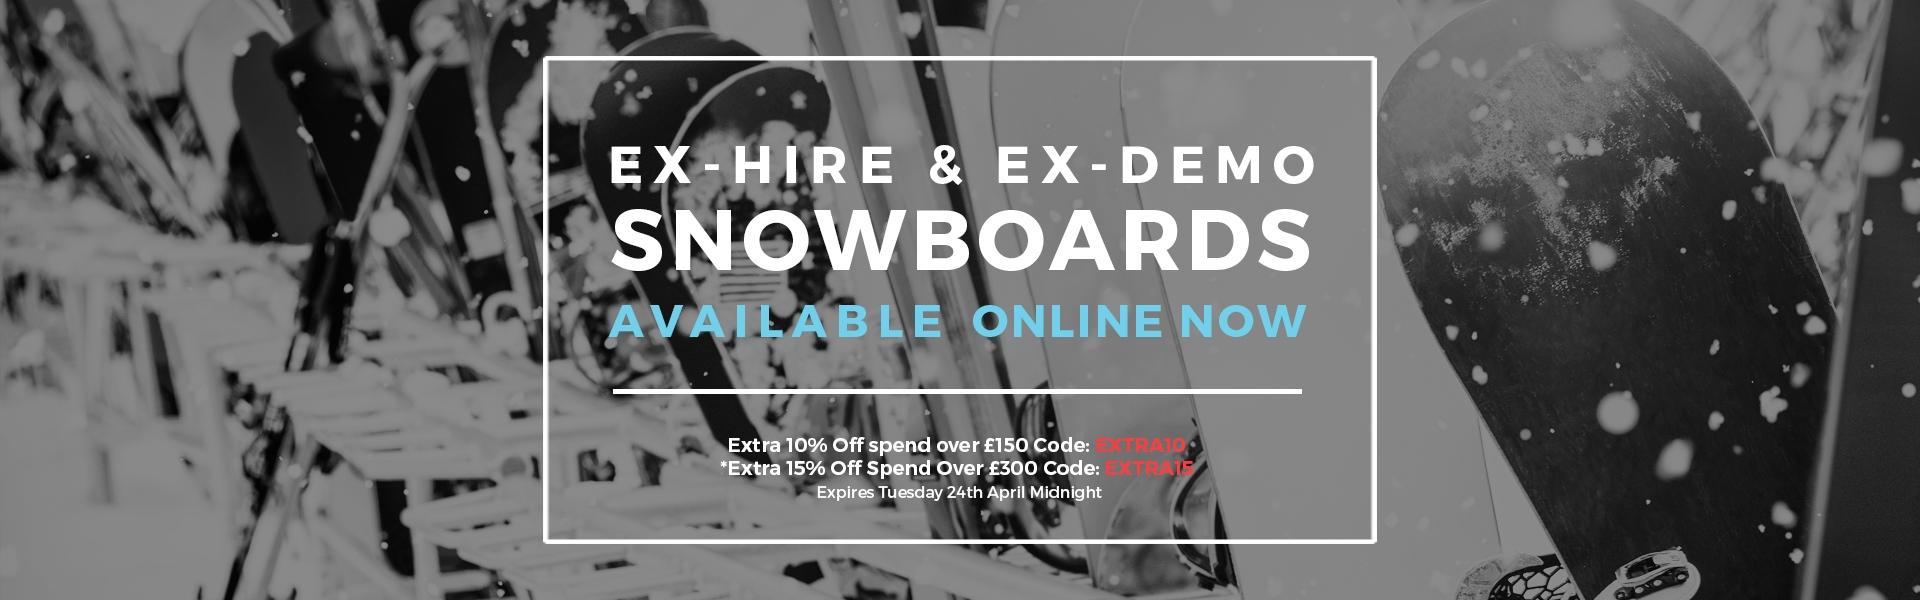 Buy Ex-Demo Snowboards Online